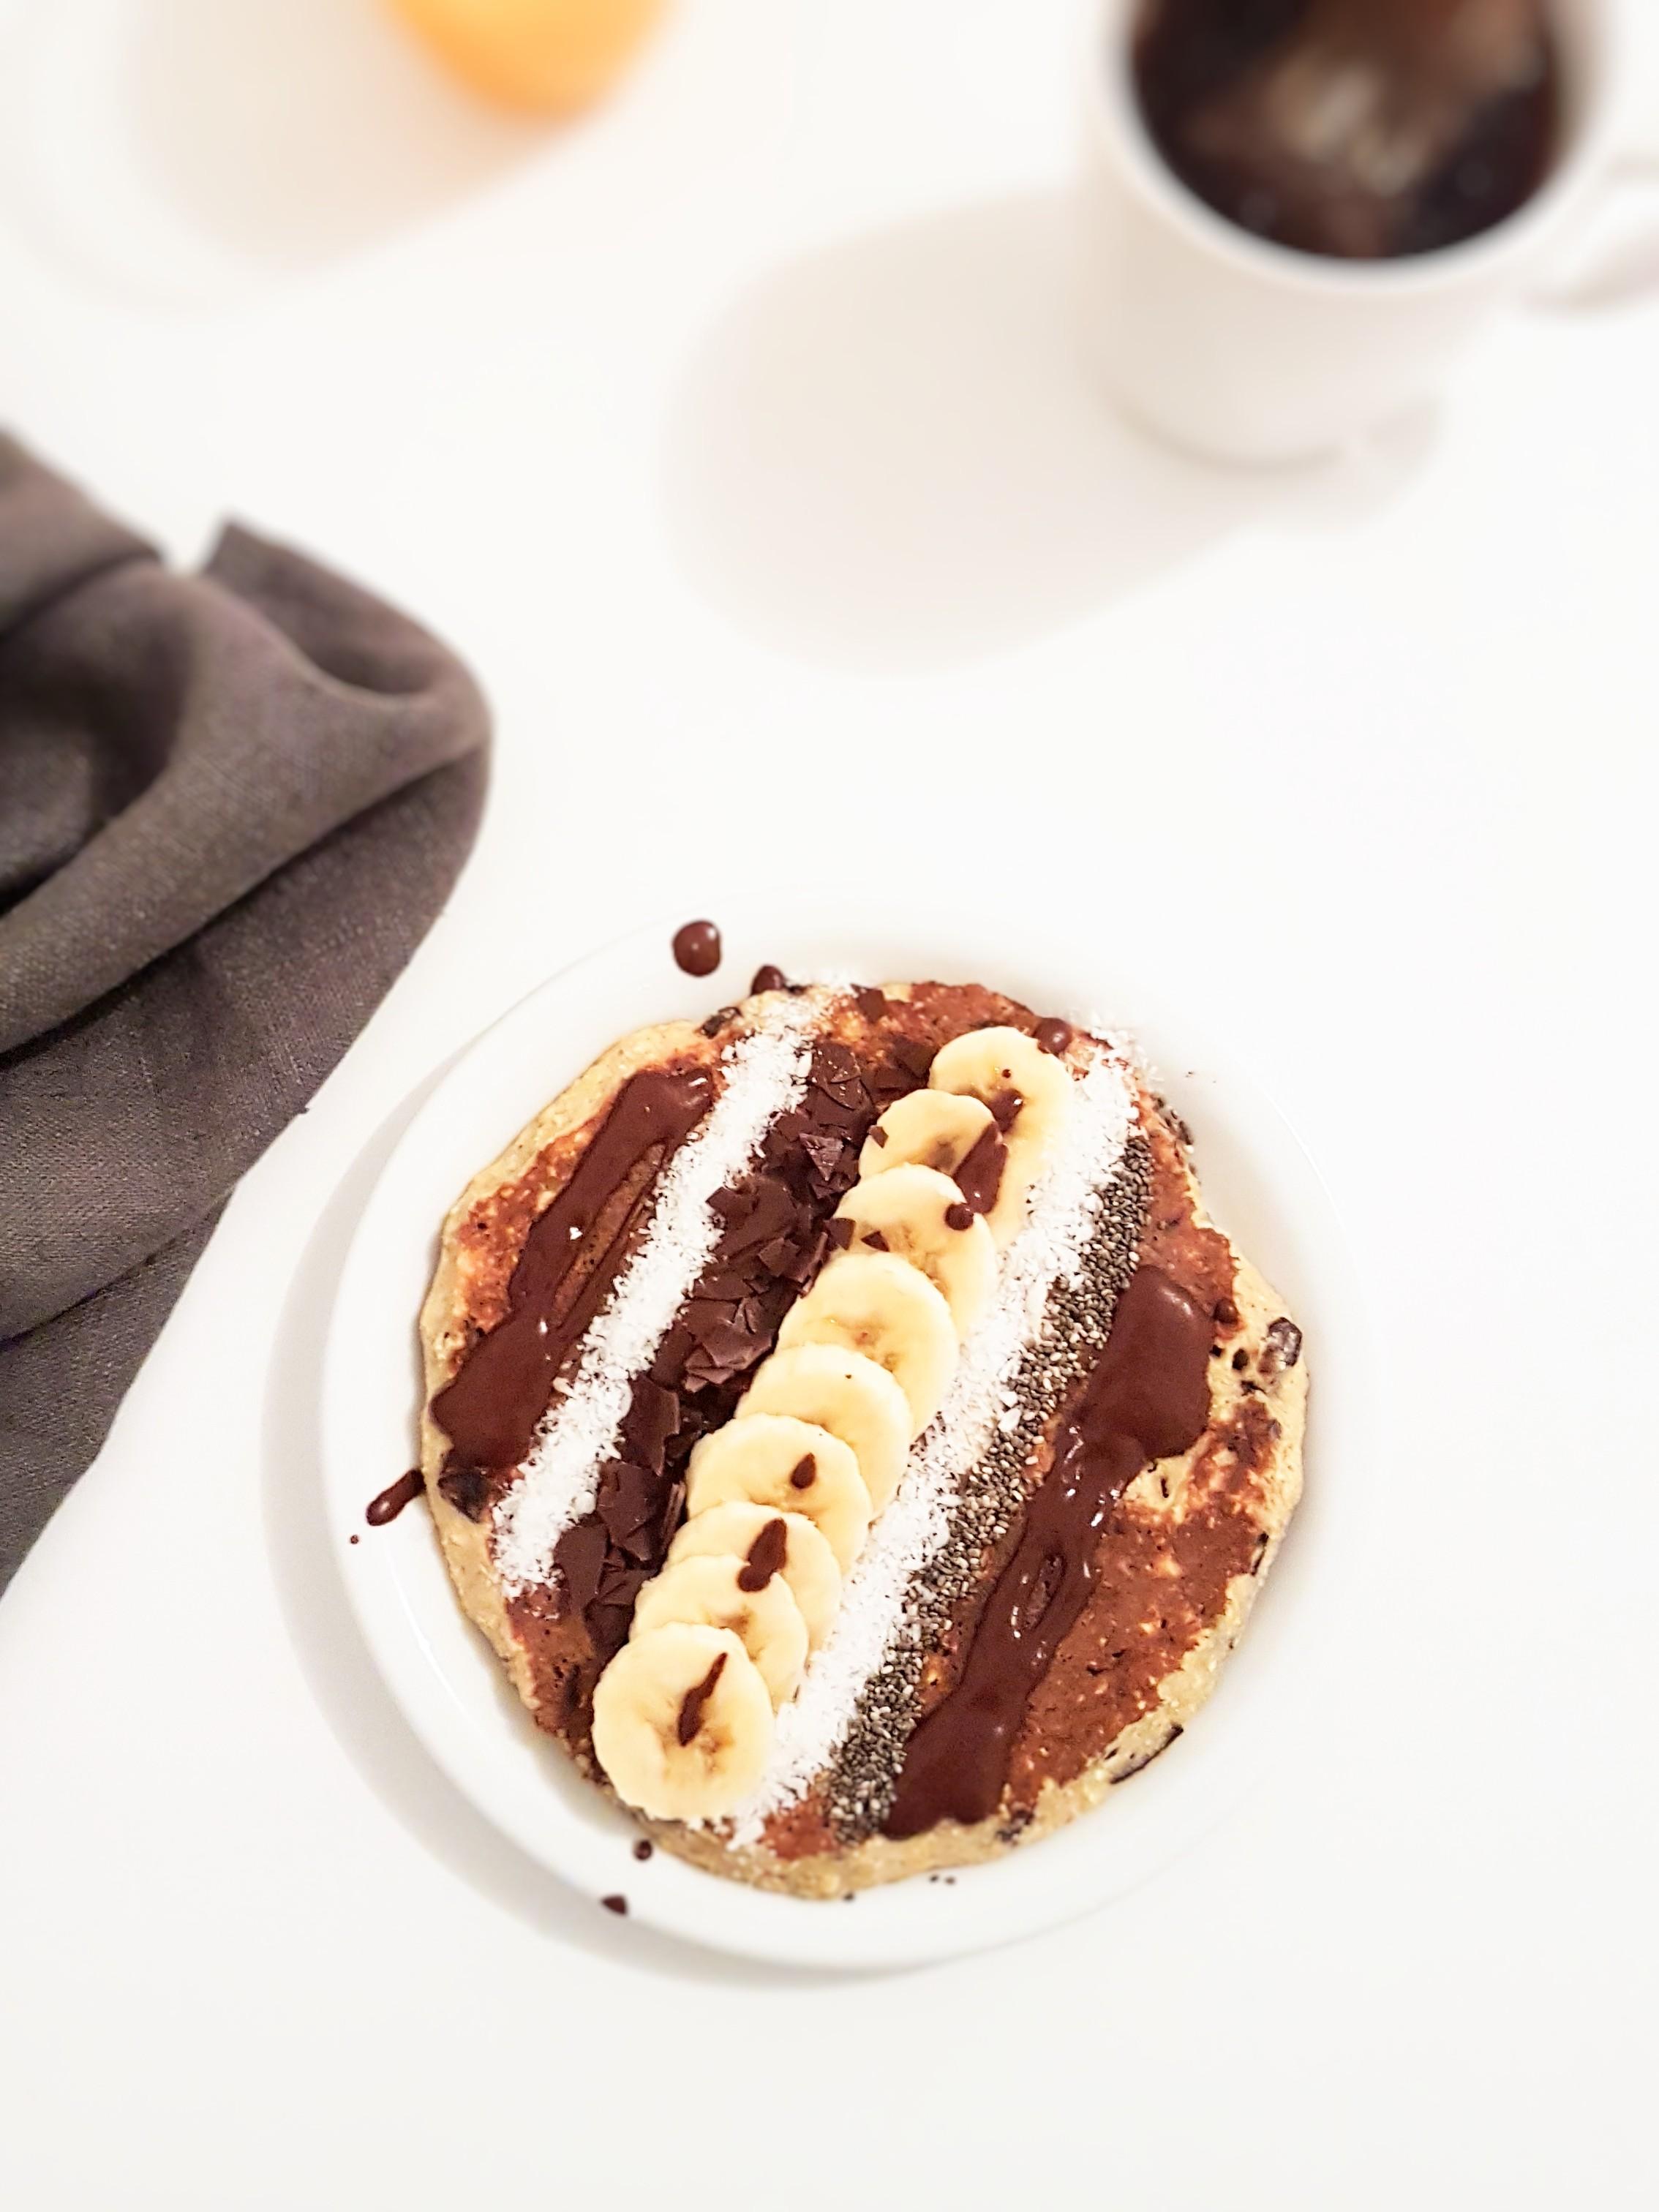 wafercake